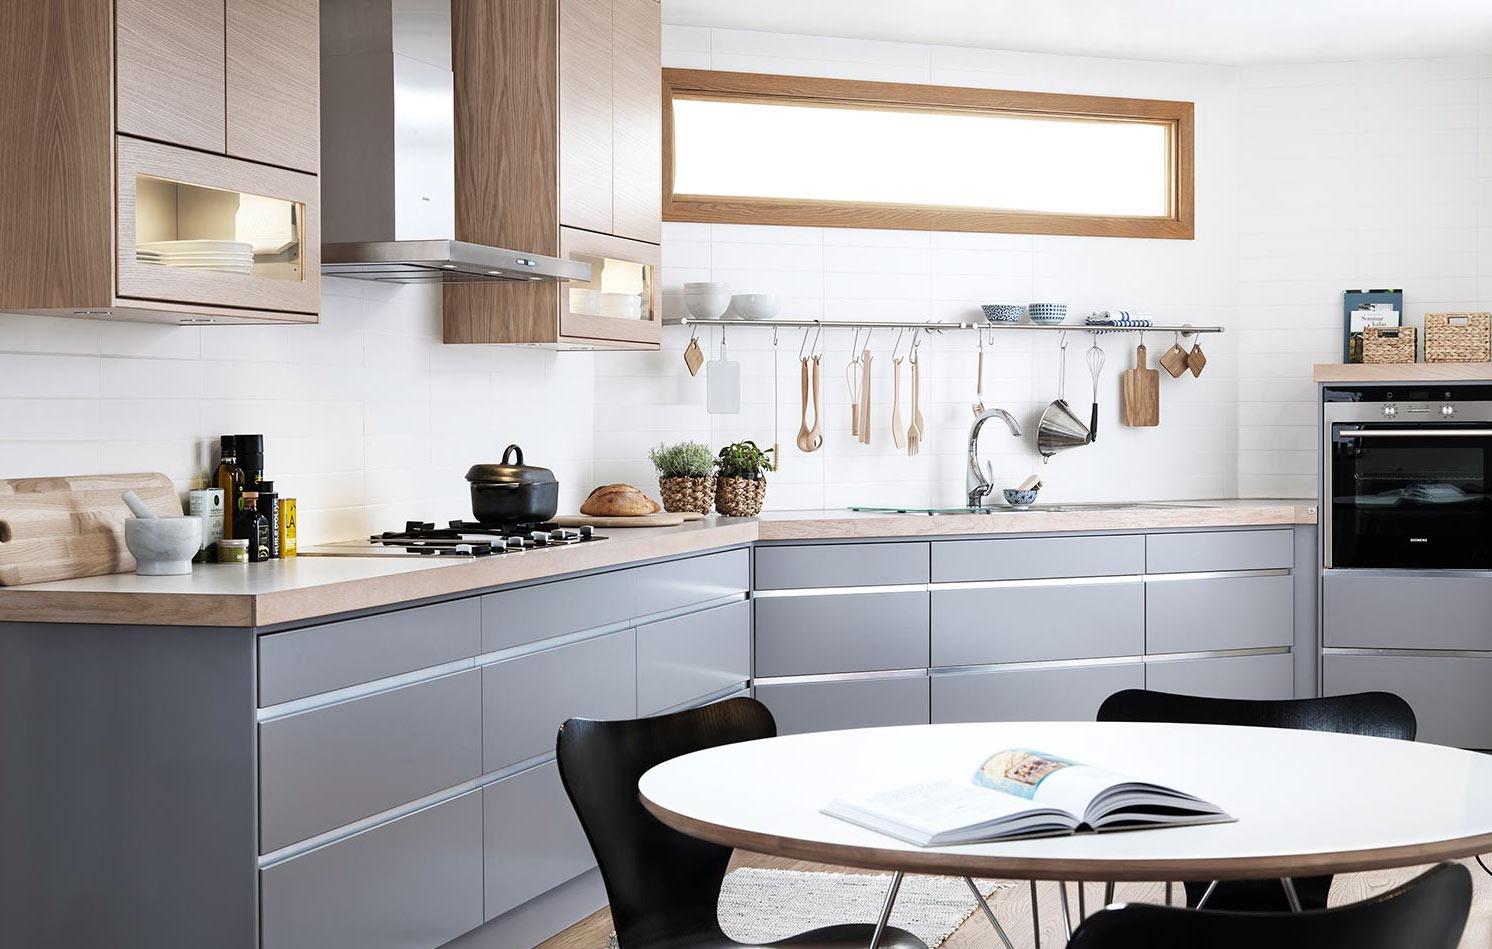 Kök och badinredning